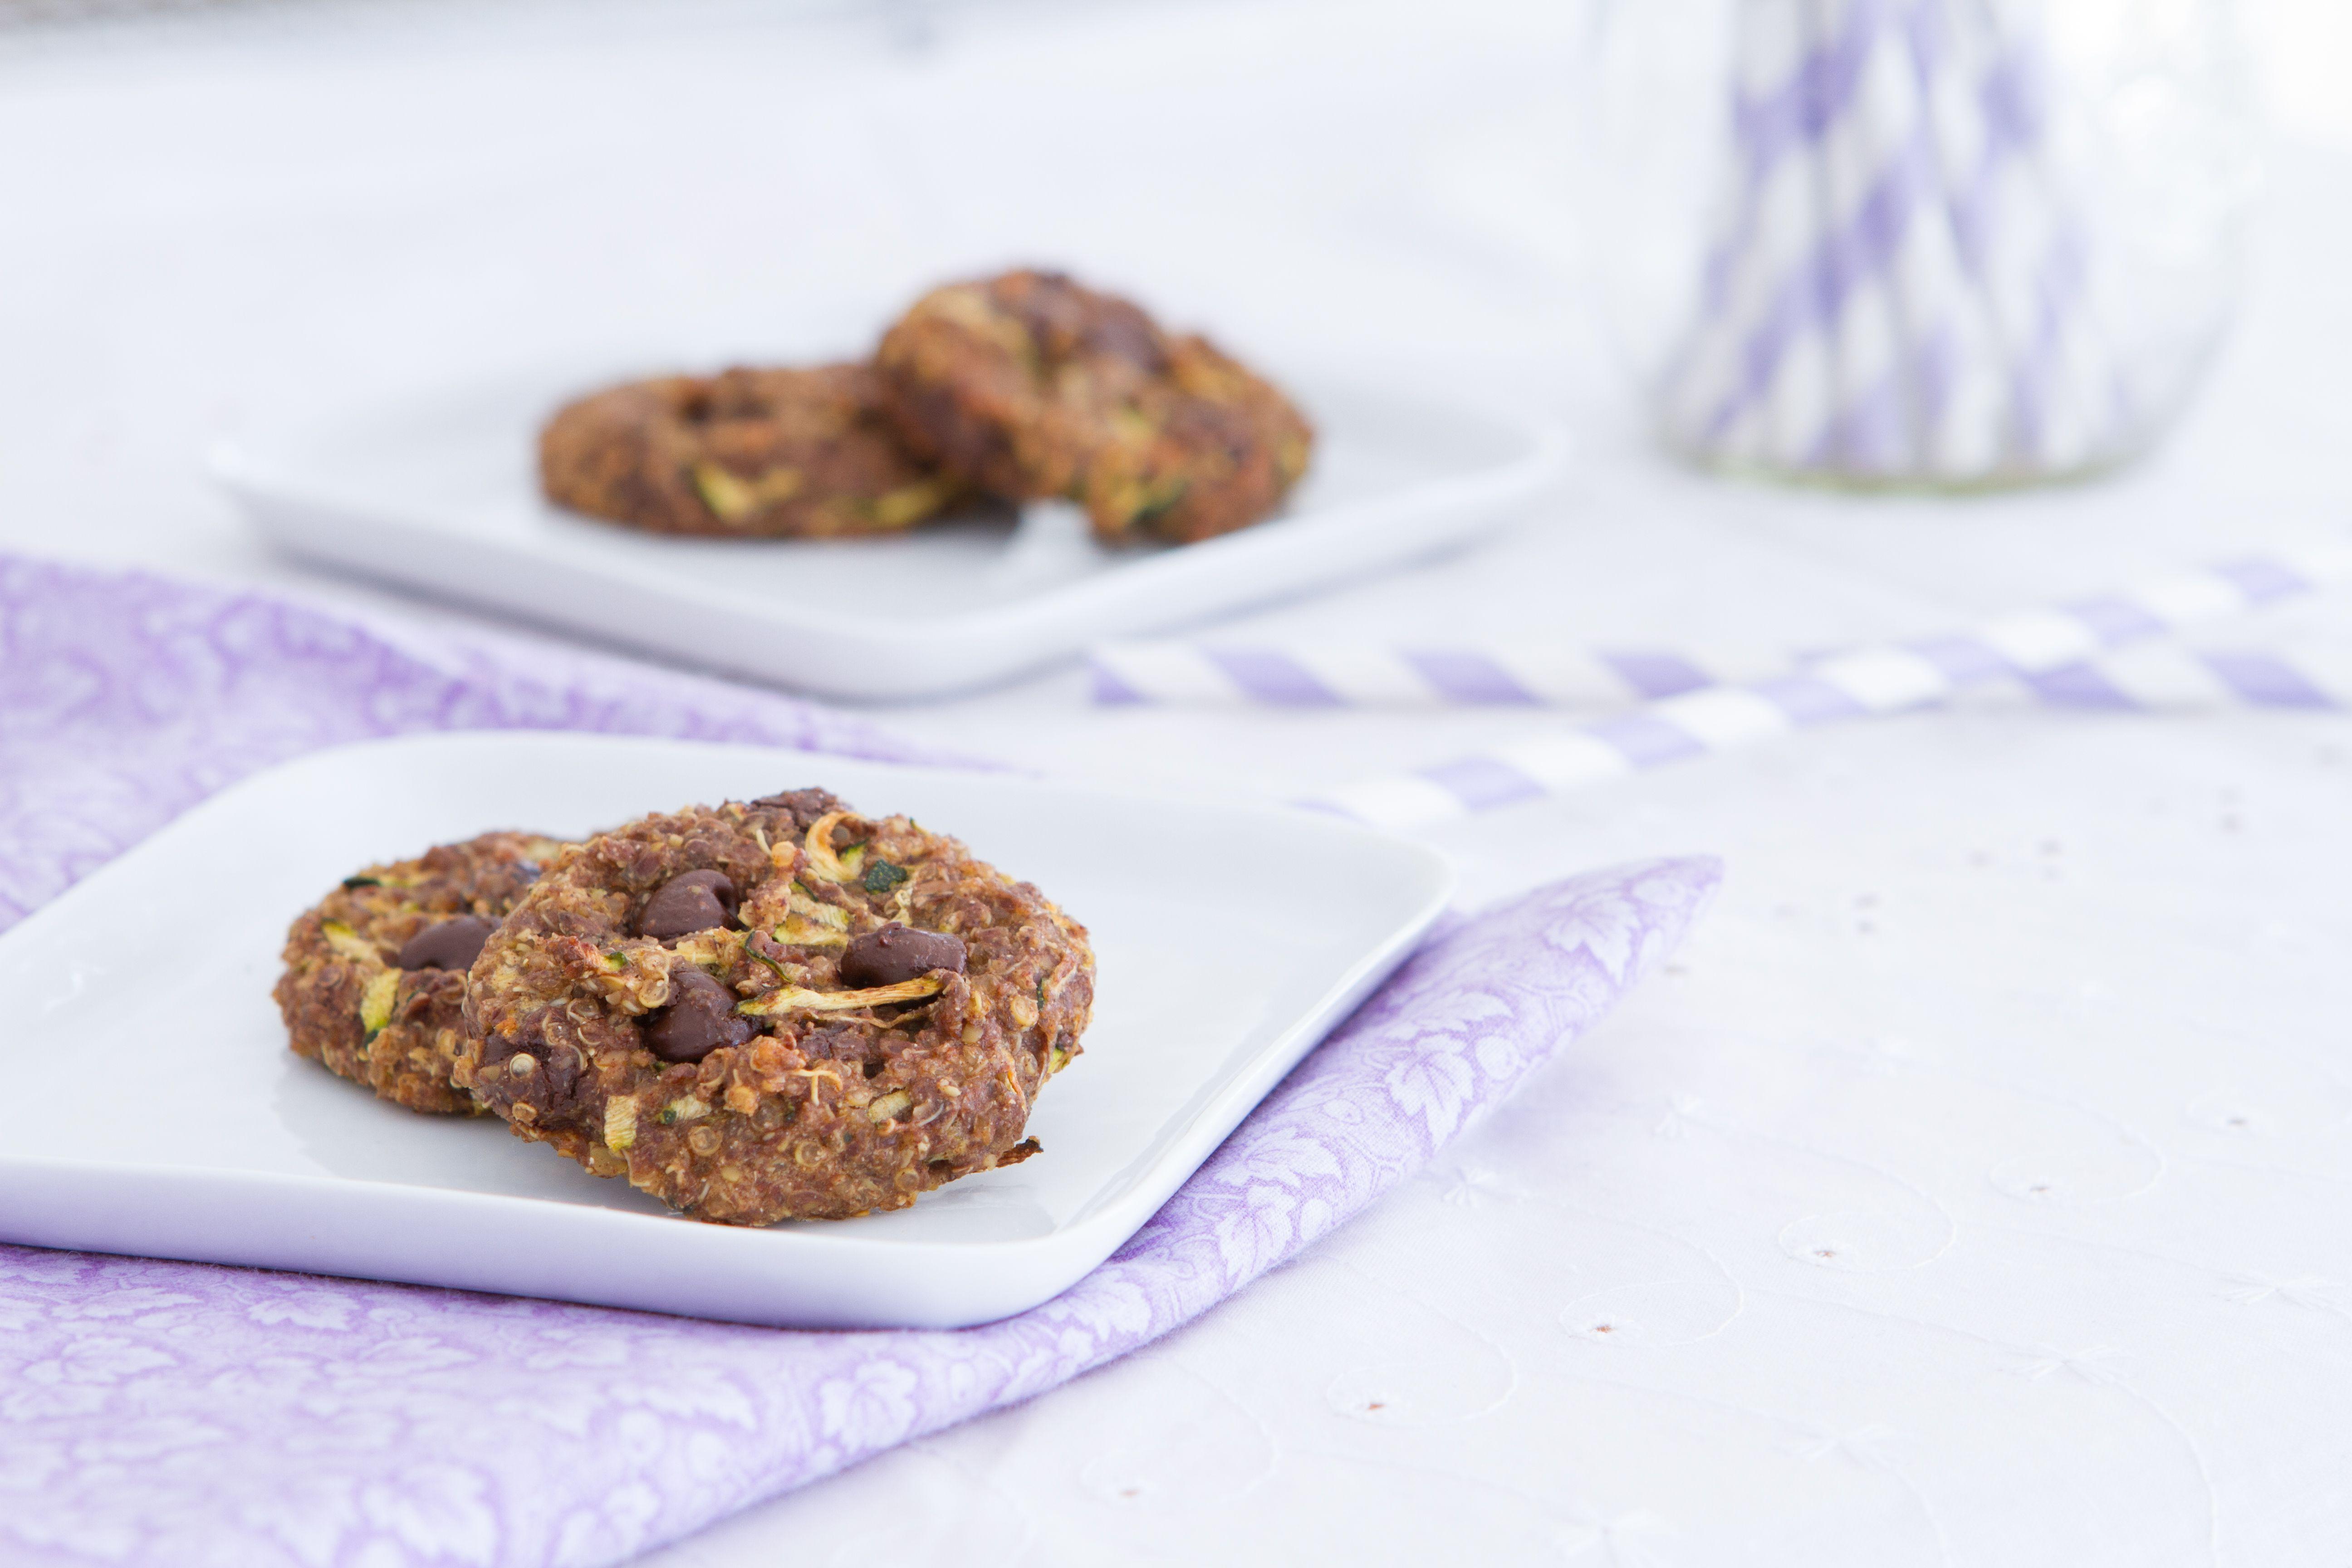 Quinoa Chocolate Breakfast Cookies